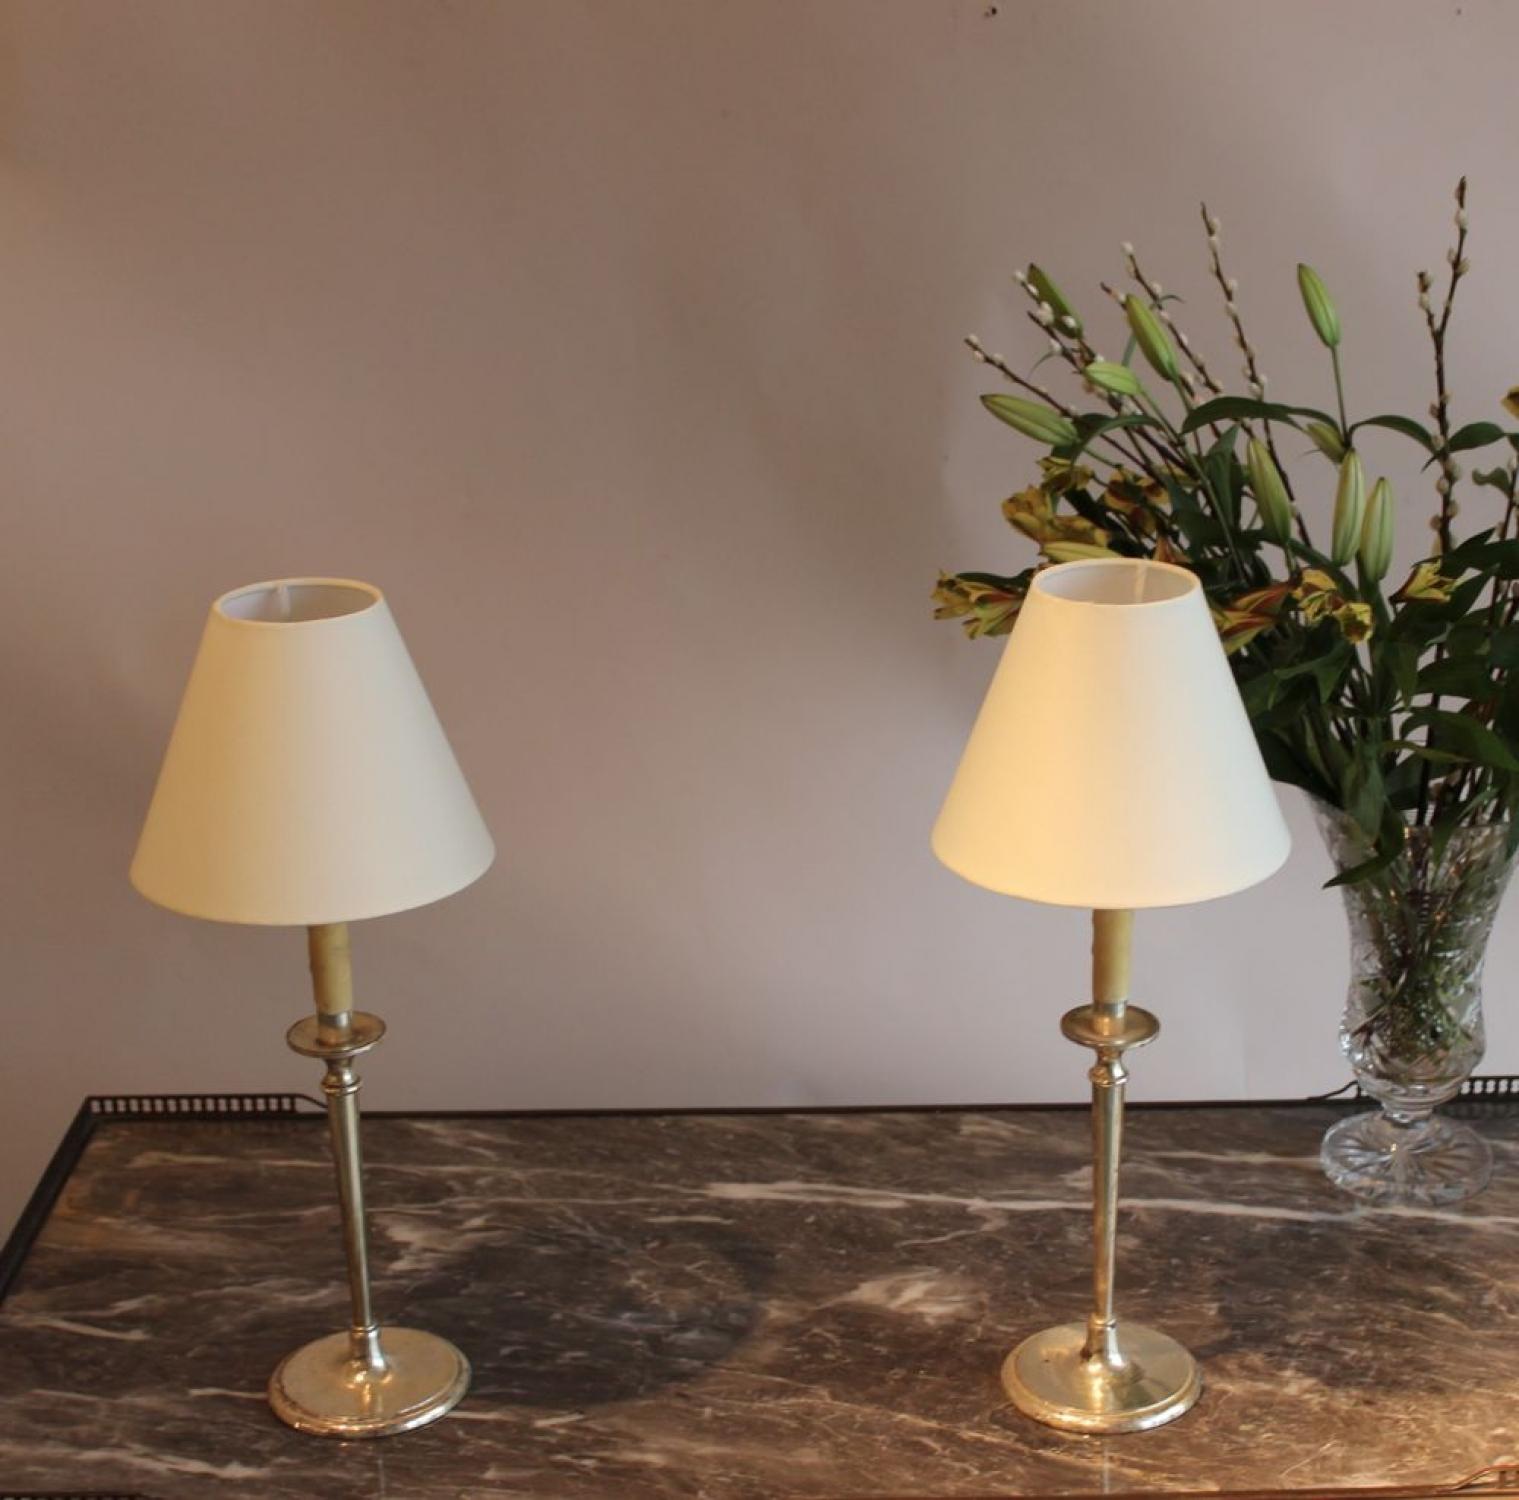 Antique table lamps a big part of our antique ligting range antique table lamps a big part of our antique ligting range image 2 greentooth Choice Image